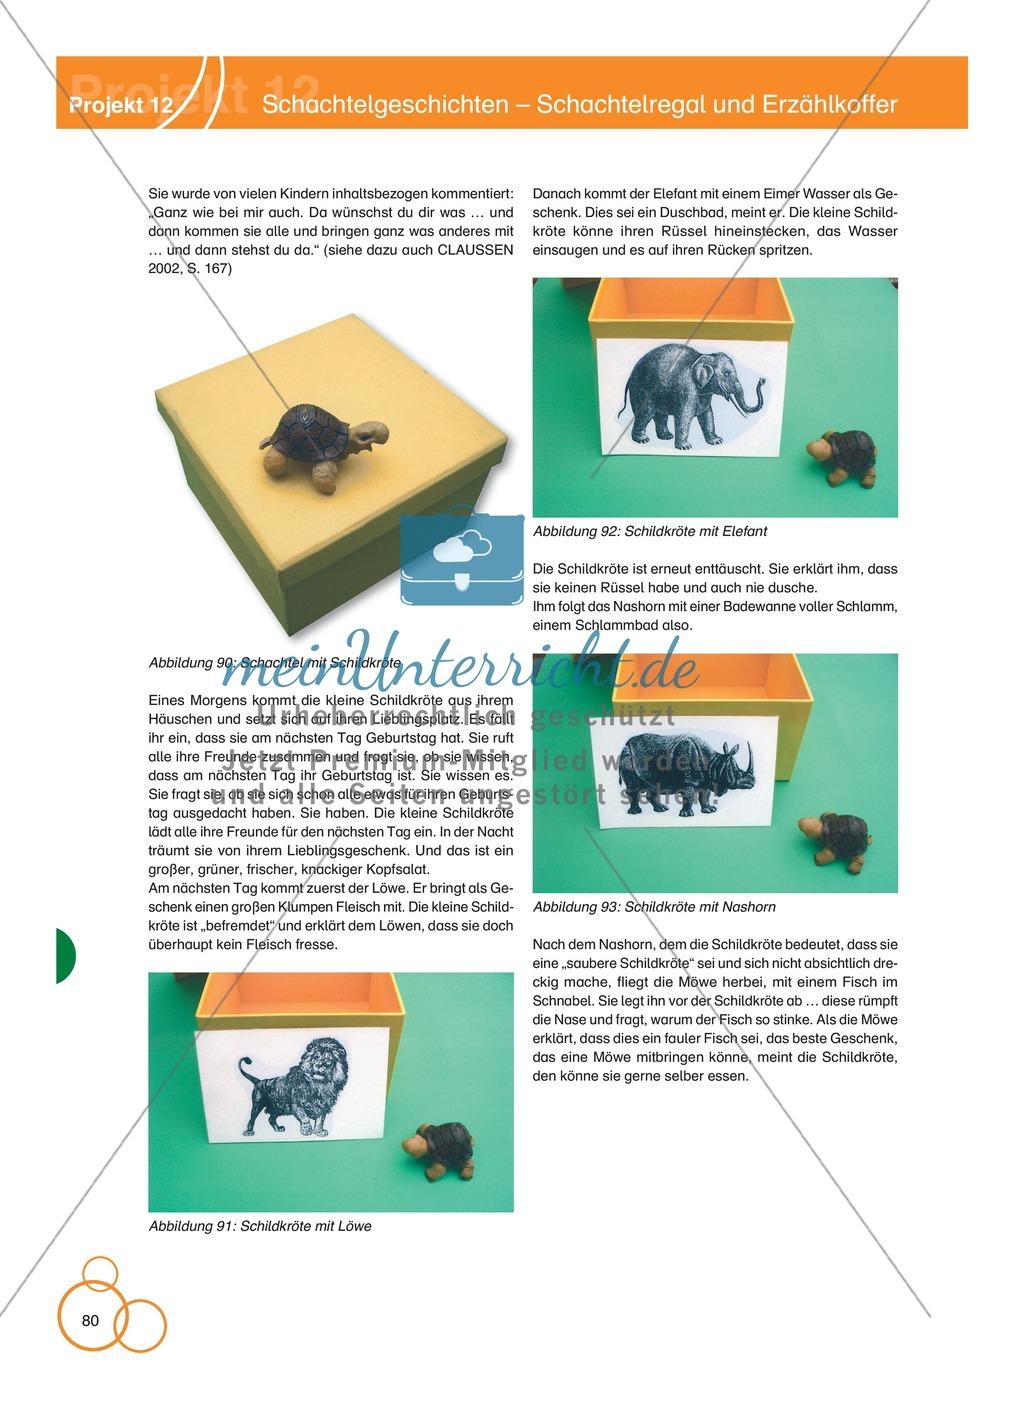 Projekt 12: Schachtelgeschichten - Schachtelregal und Erzählkoffer Preview 1